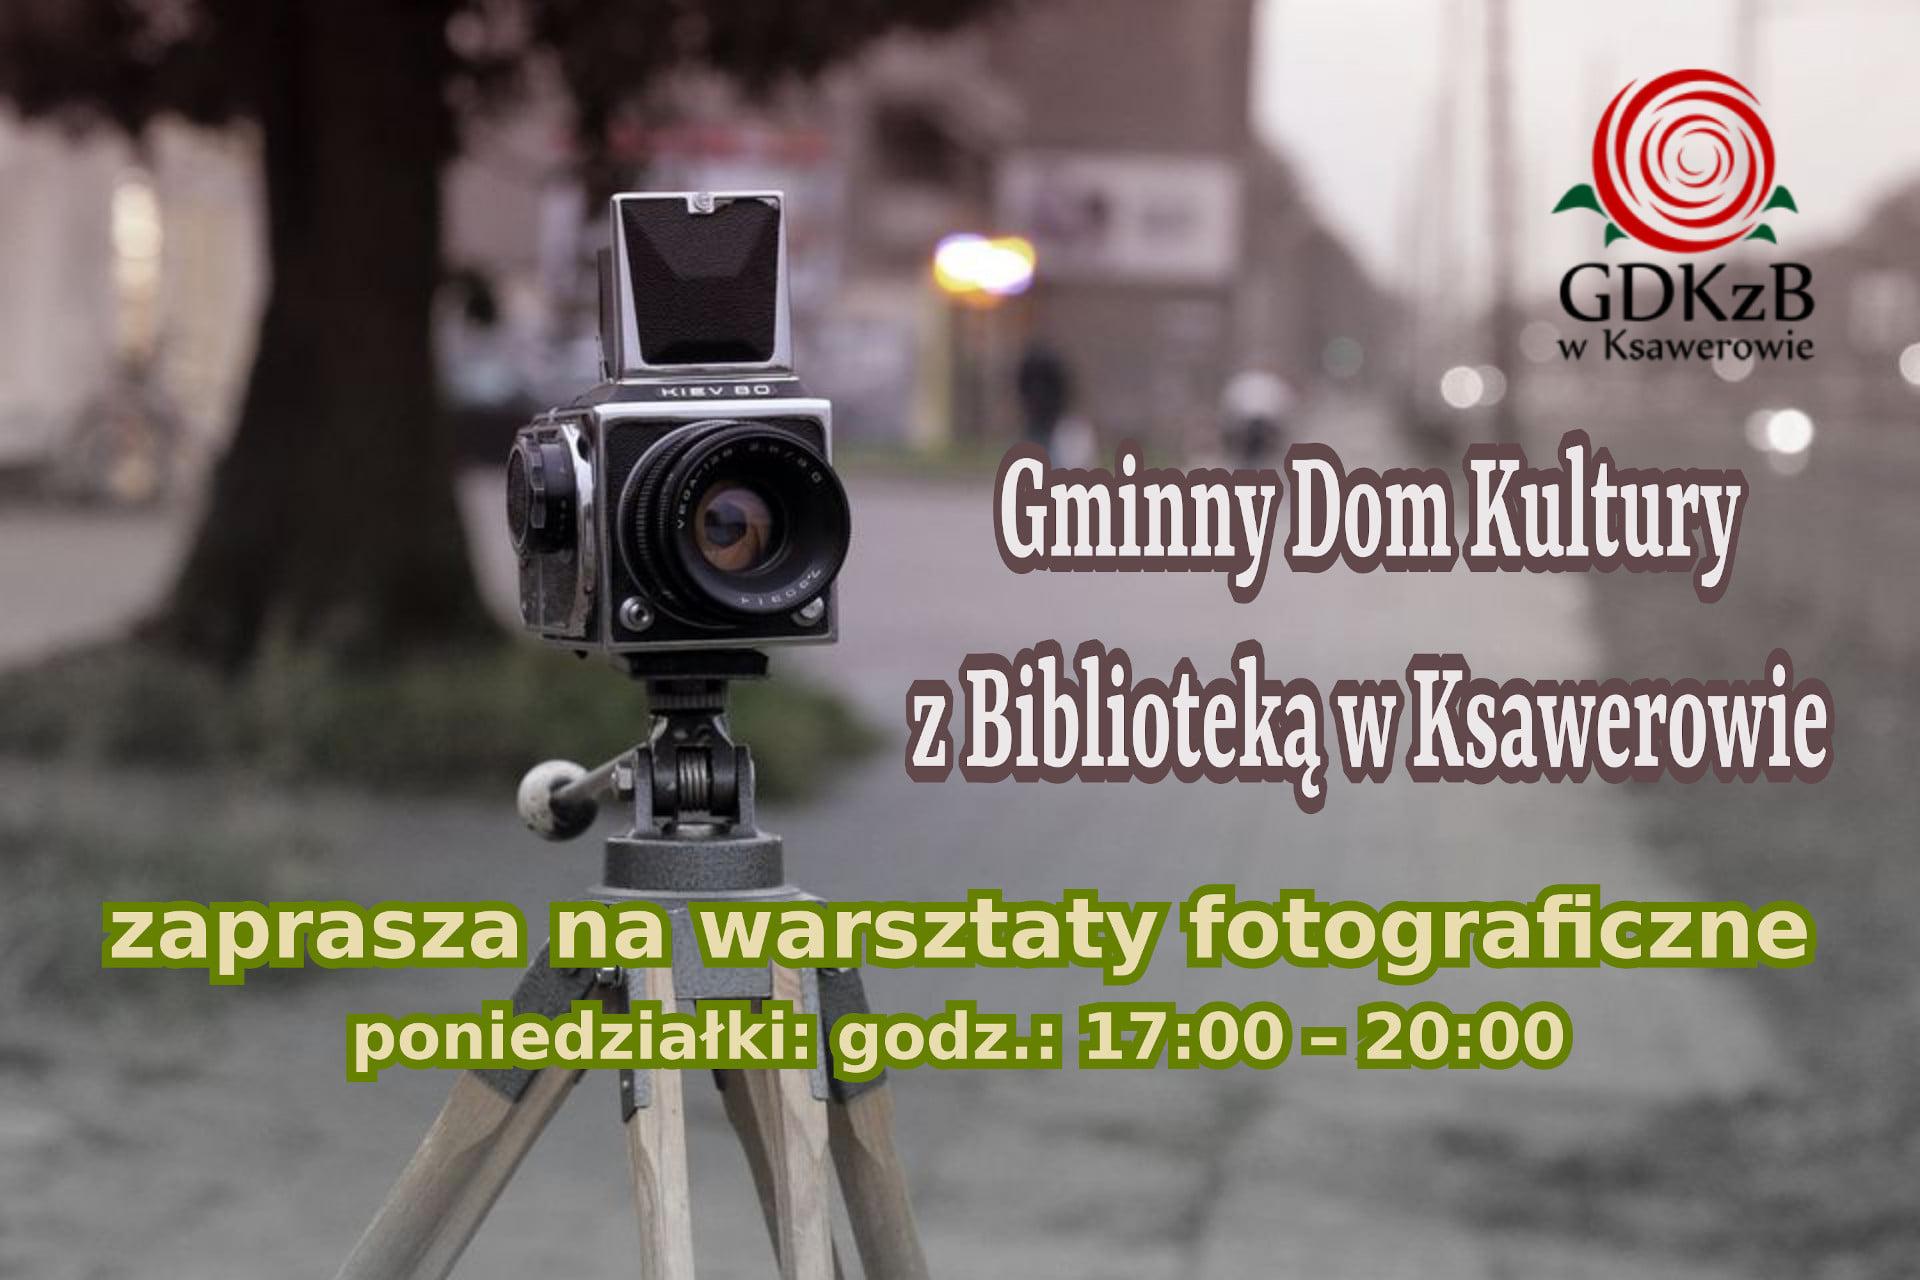 Gmnny Dom Kultury z Bibloteką w Ksawerowie zaprasza na warsztaty fotograficzne poniedziałek 17:00 - 20:00